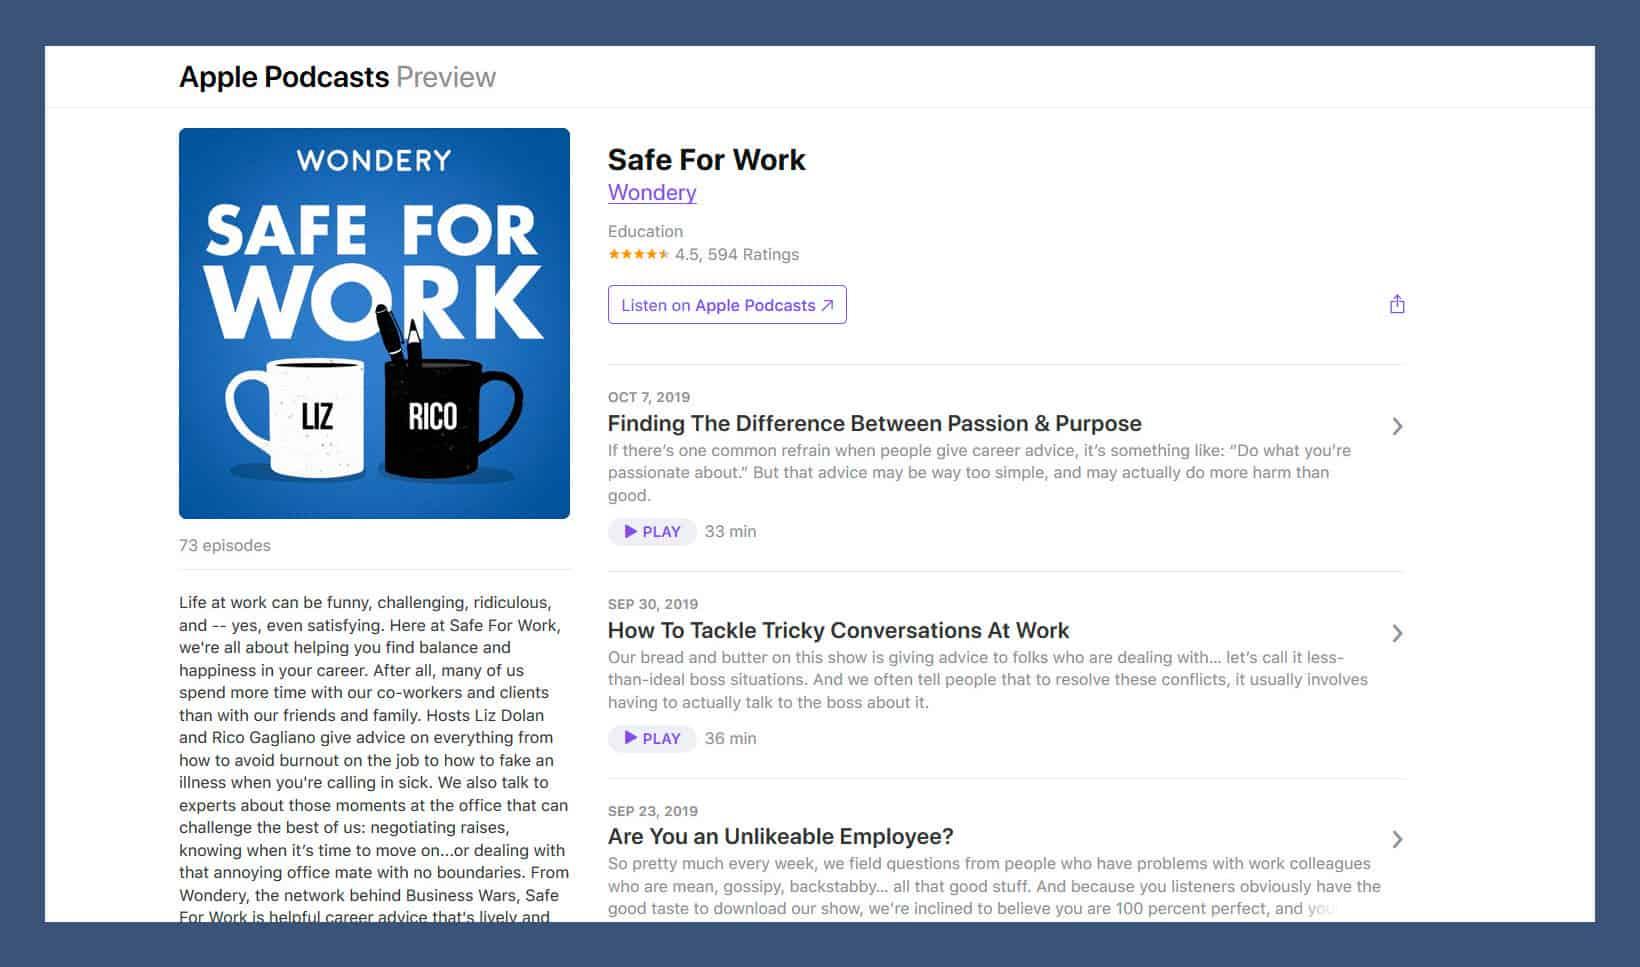 Safe for Work podcast